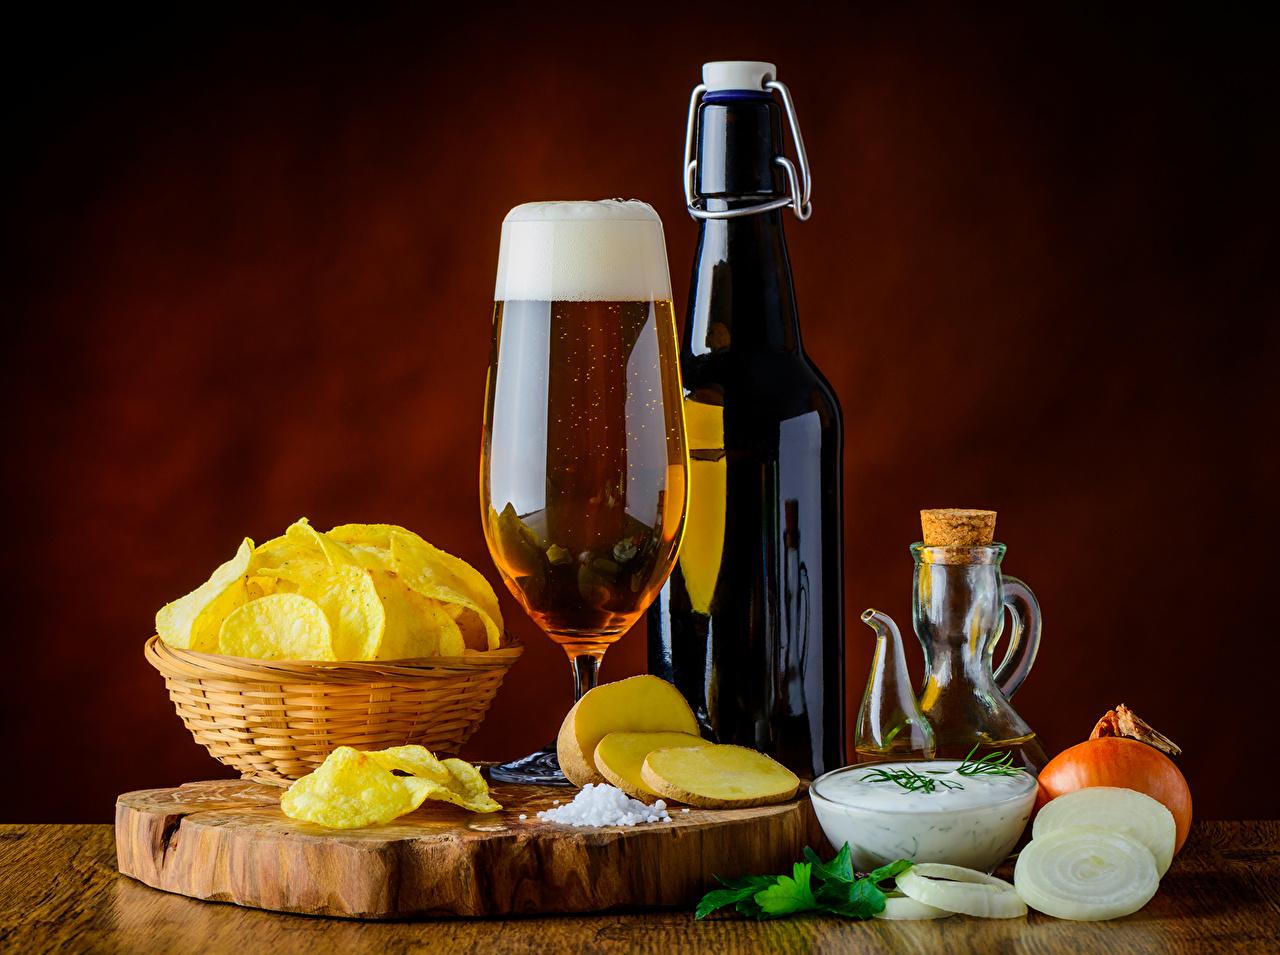 Cerveja Cebola Garrafa Copo de vinho Chips Alimentos